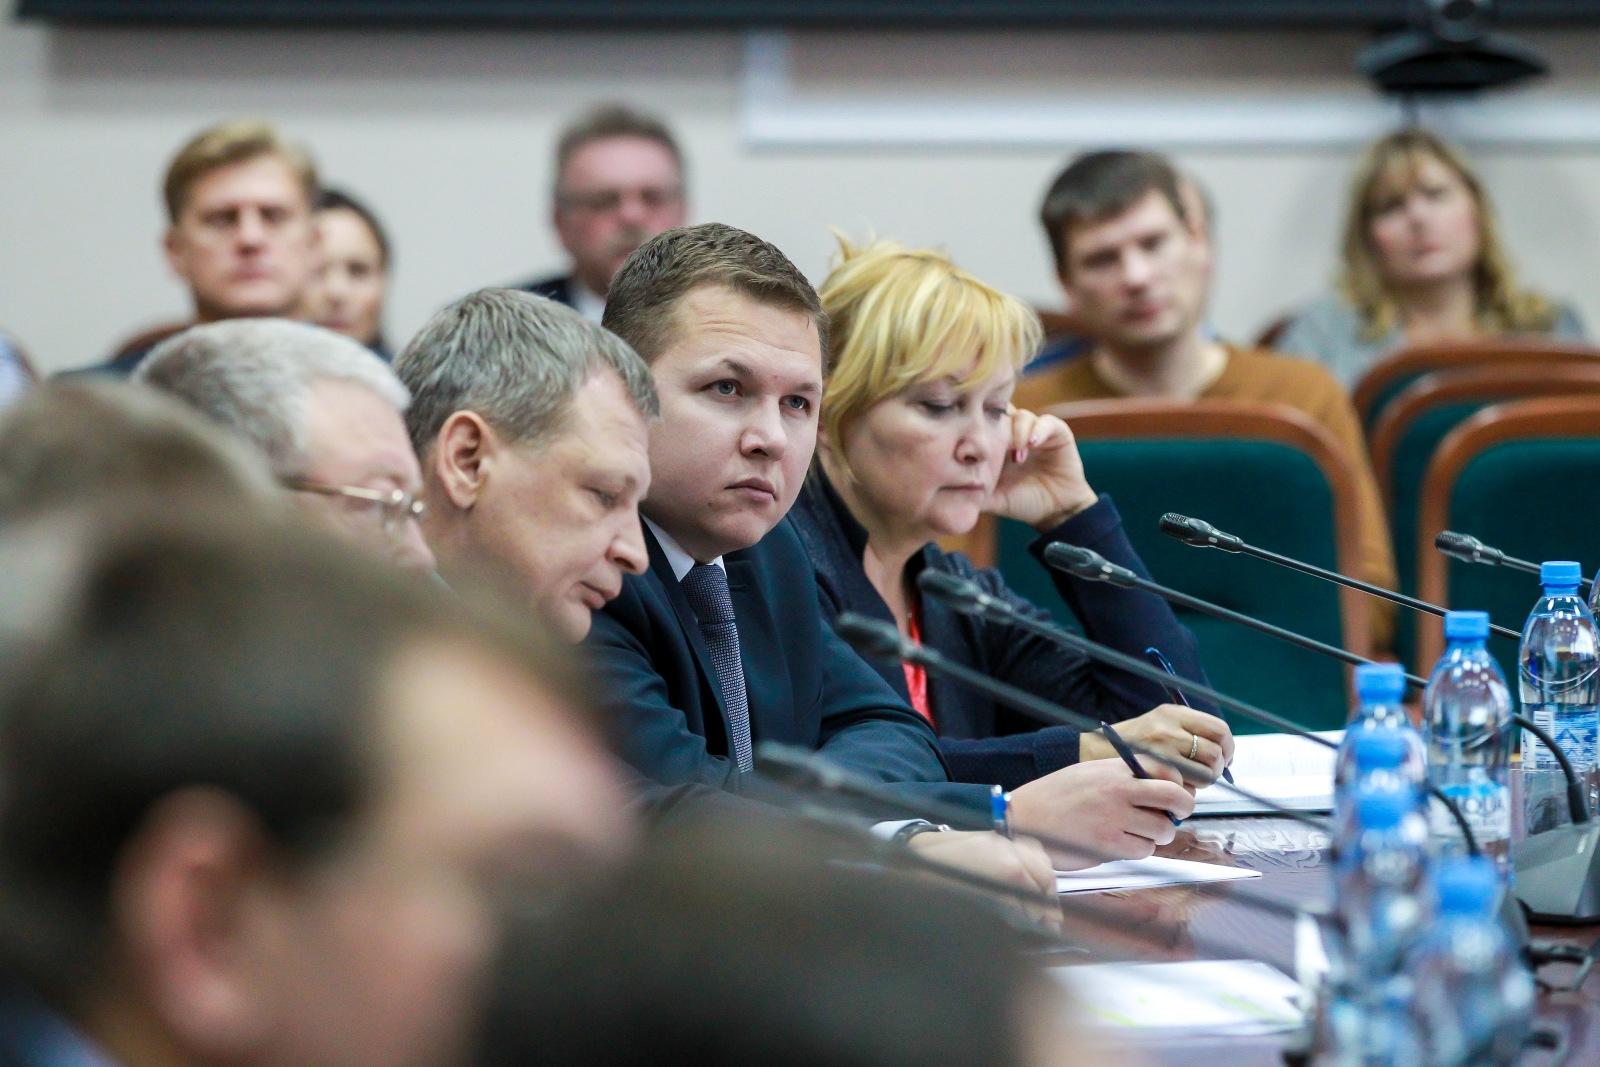 Вбюджете НАО нехватает средств на заработной платы  депутатам